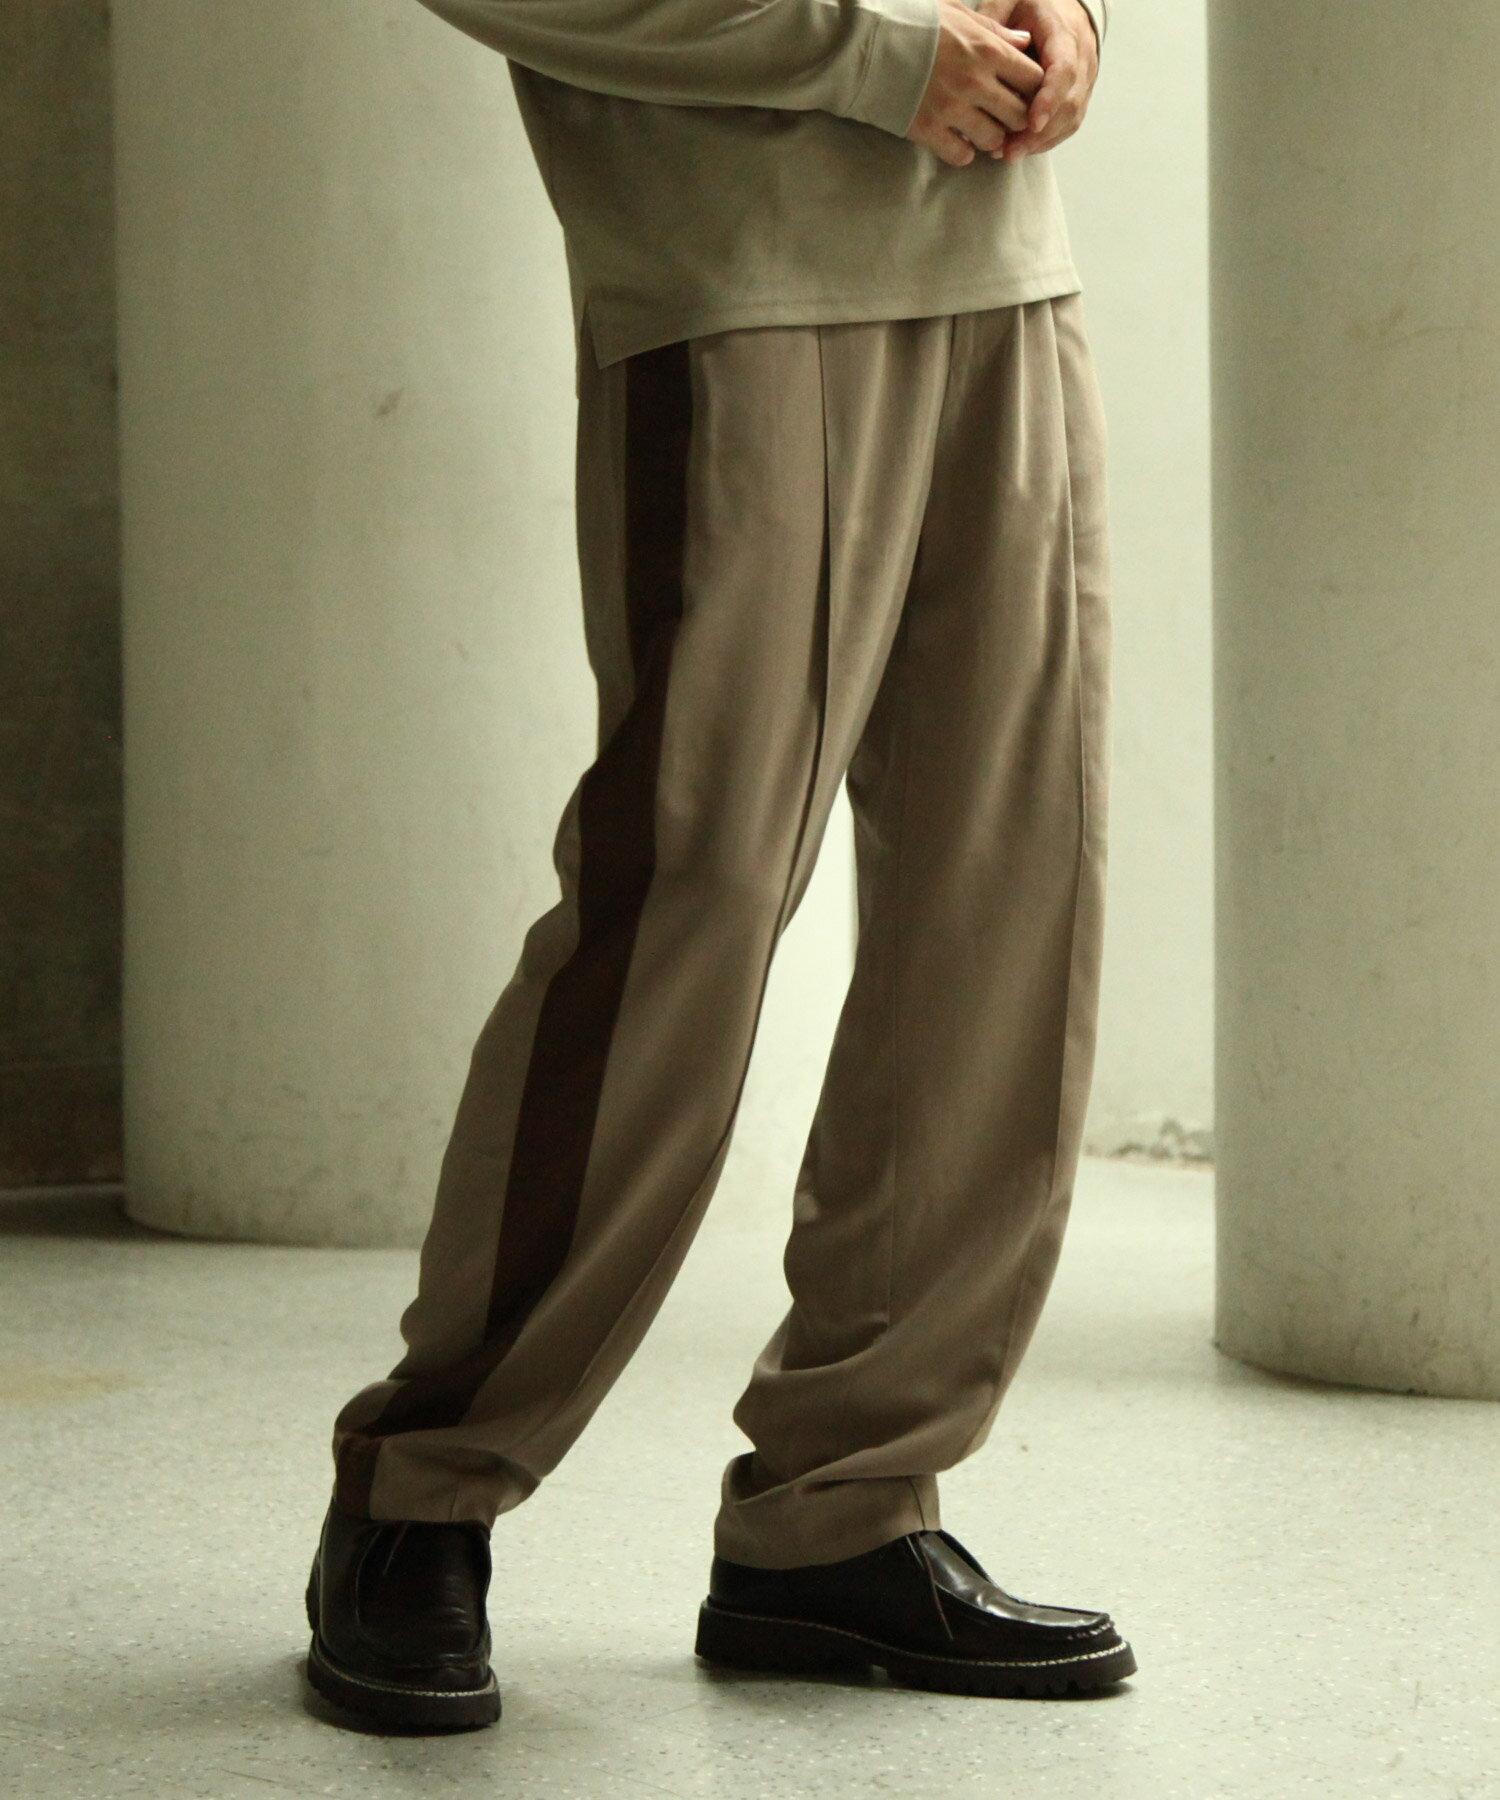 【Nilway】西裝褲 立體裁縫 1